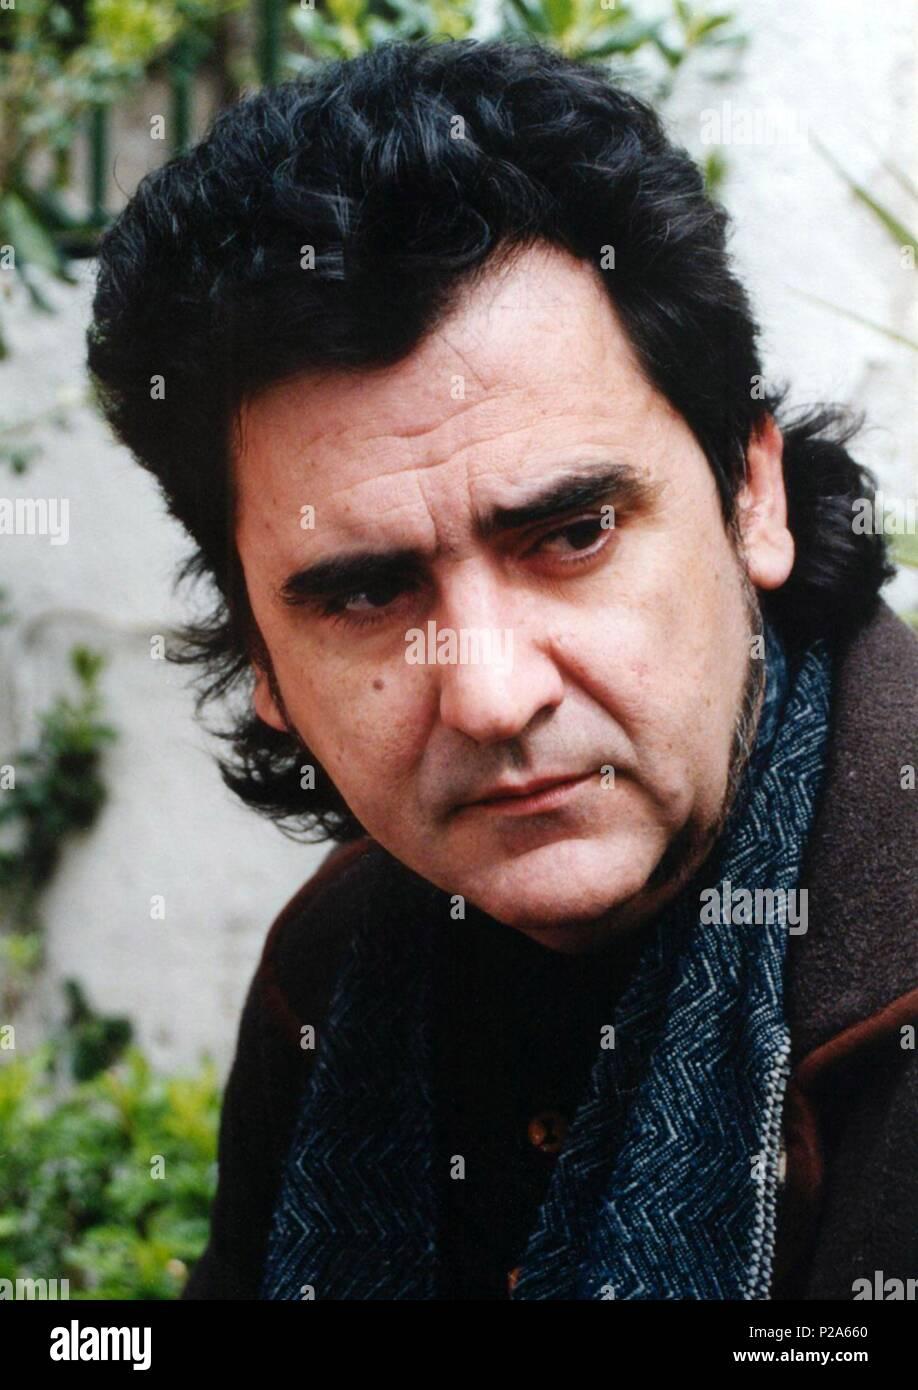 Manuel Lorente. Venta 'El Carro'. Cenes de la Verga, Granada. 2000. - Stock Image